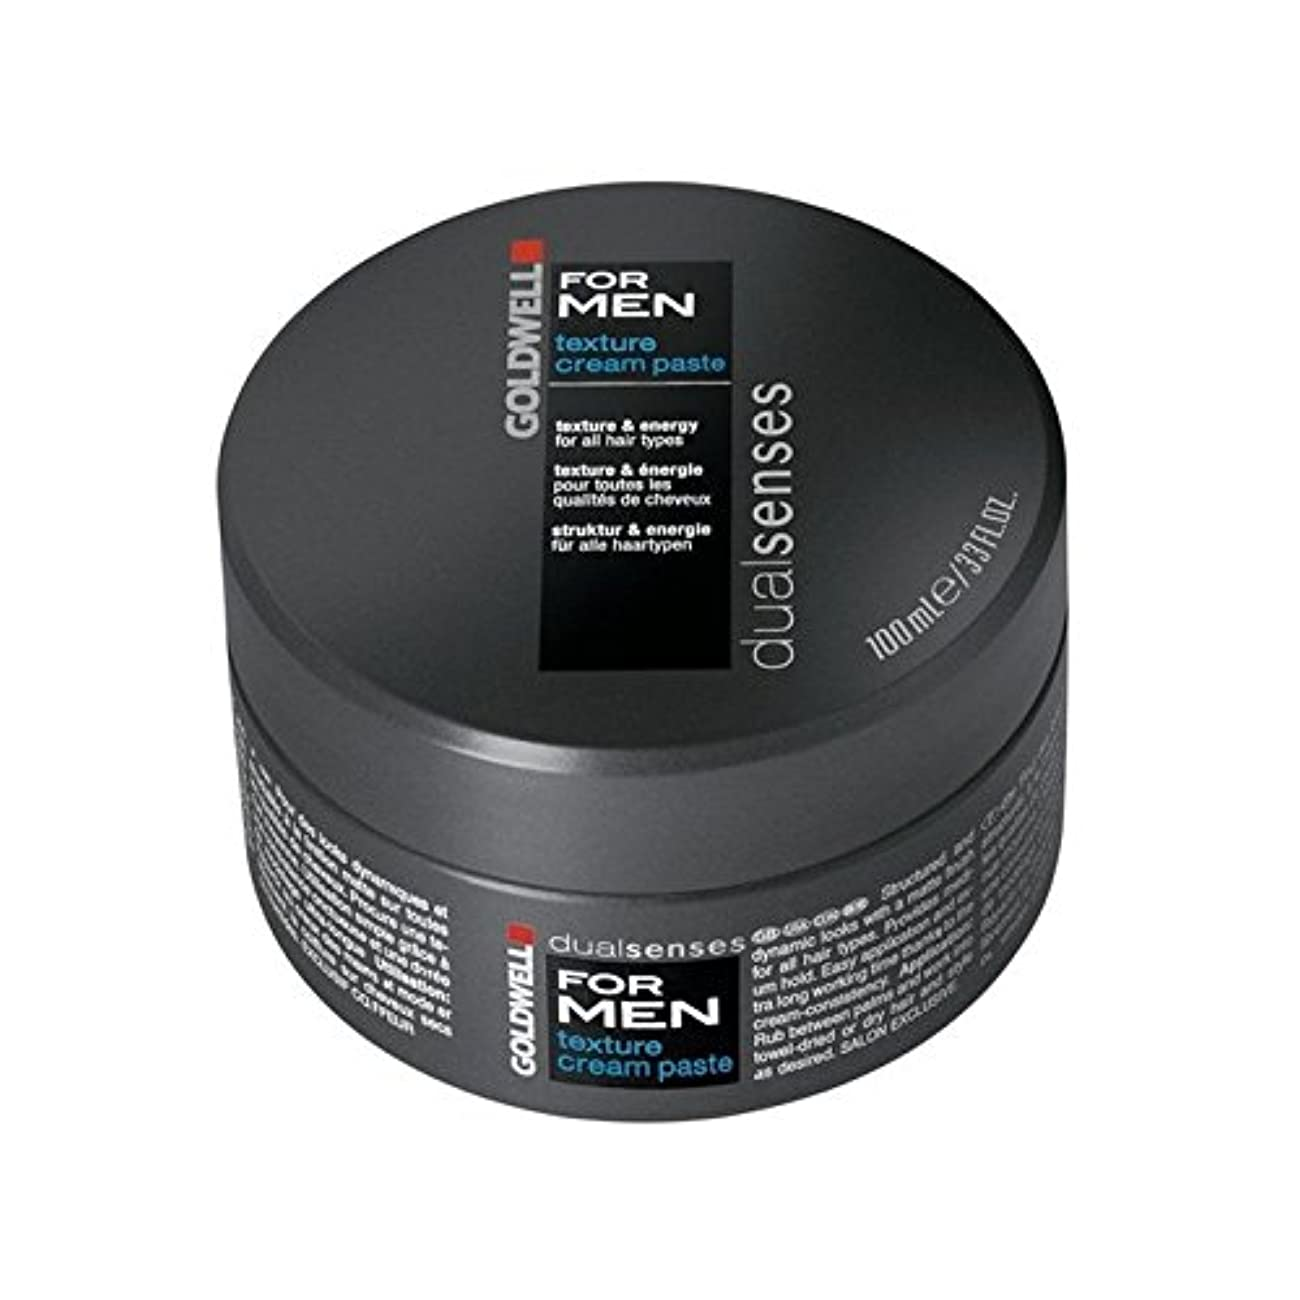 チャーミング膨らみ流星Goldwell Dualsenses For Men Texture Cream Paste (100ml) (Pack of 6) - 男性のテクスチャーのクリームペースト(100ミリリットル)のためのの x6 [並行輸入品]